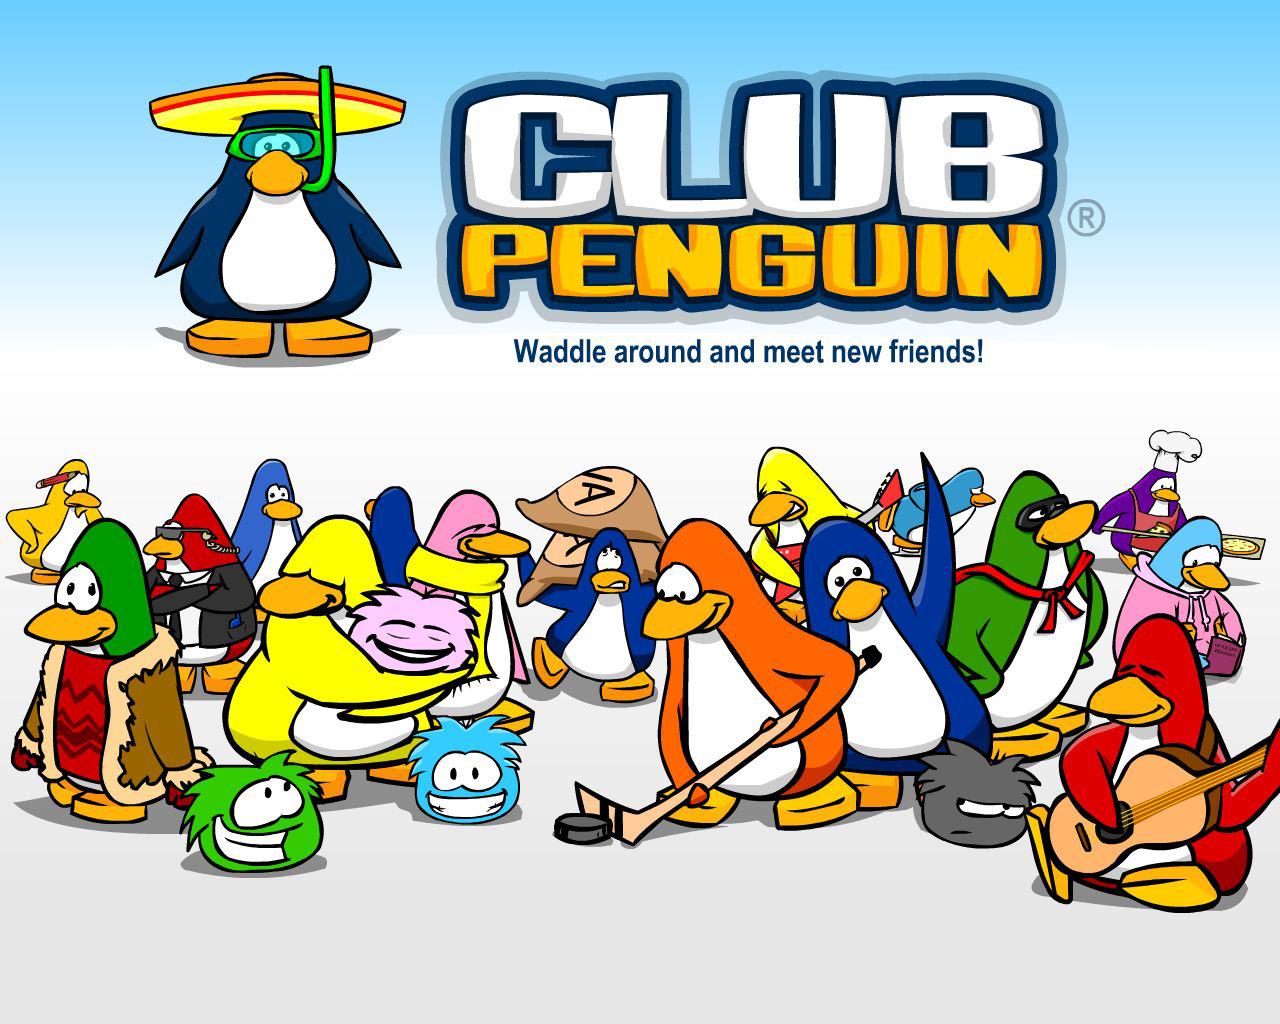 https://i1.wp.com/web.archive.org/web/20060327014527/www.clubpenguin.com/images/downloads/desktop1.jpg